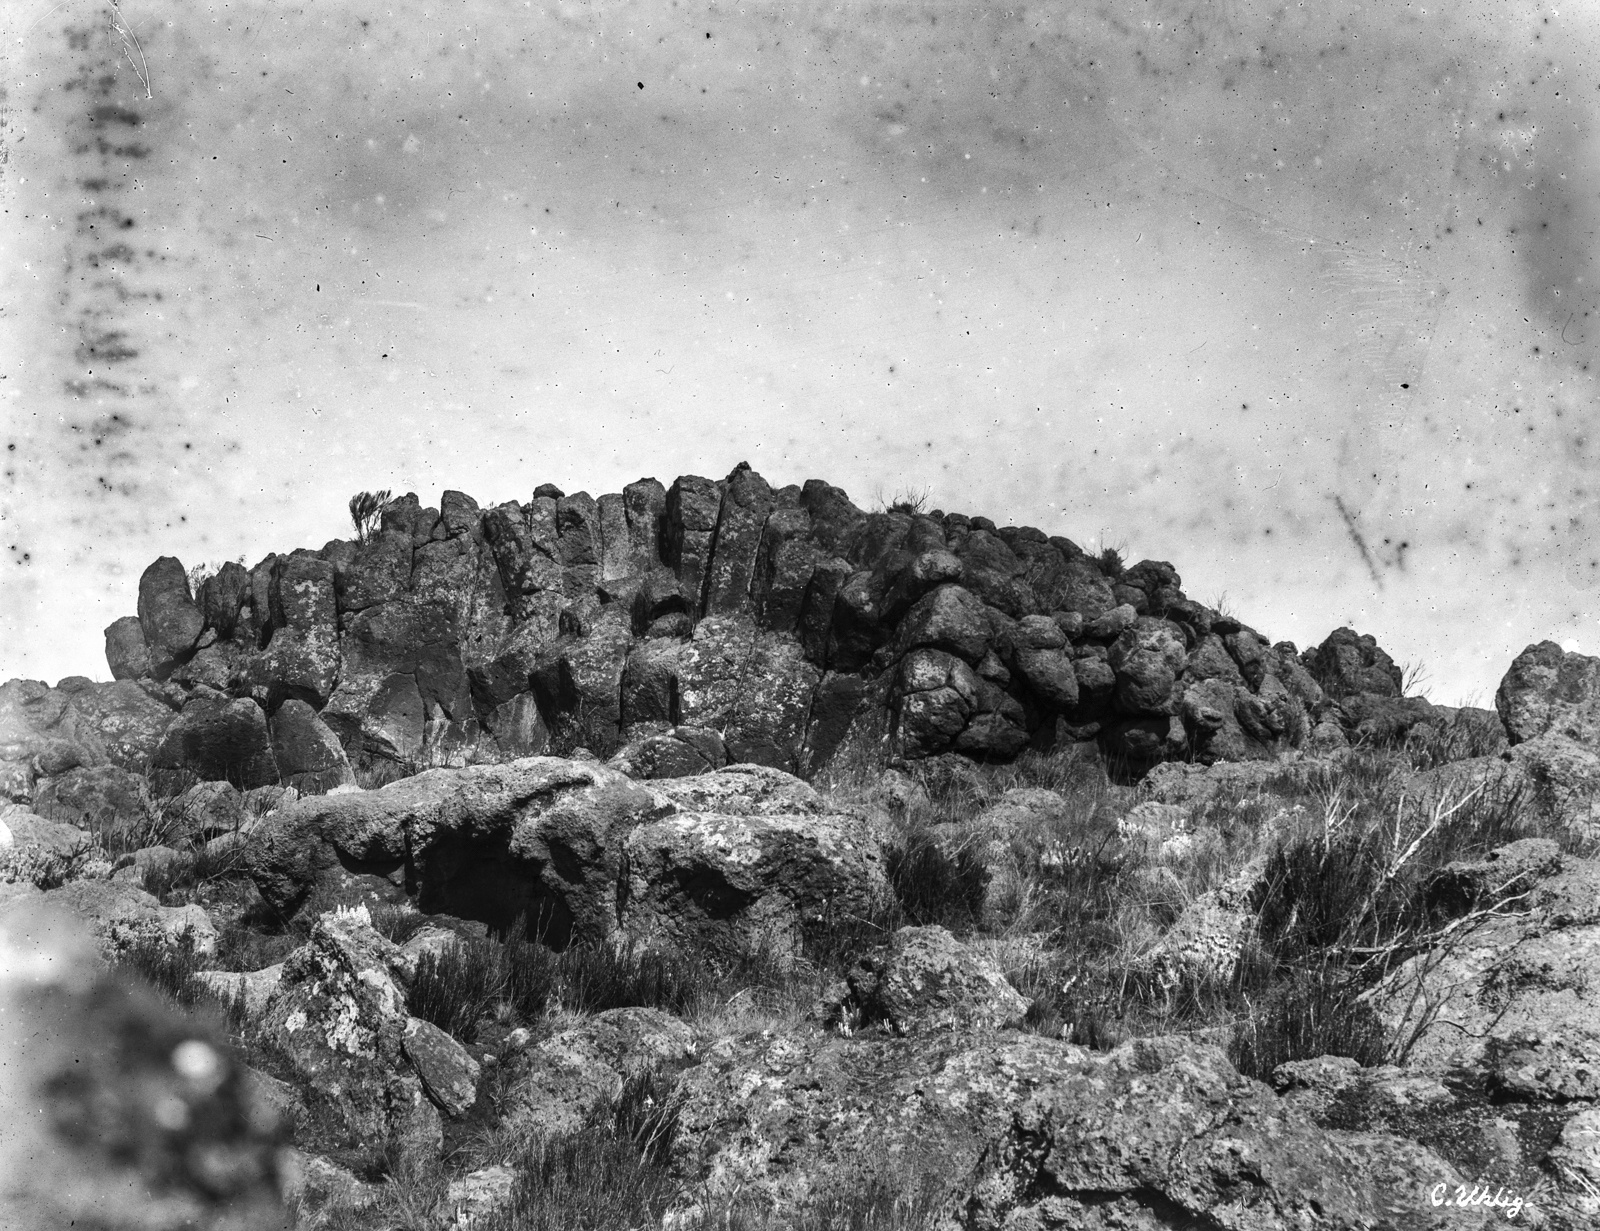 181. Базальтовая лавовая скала на высоте 4200 метров на горе Килиманджаро